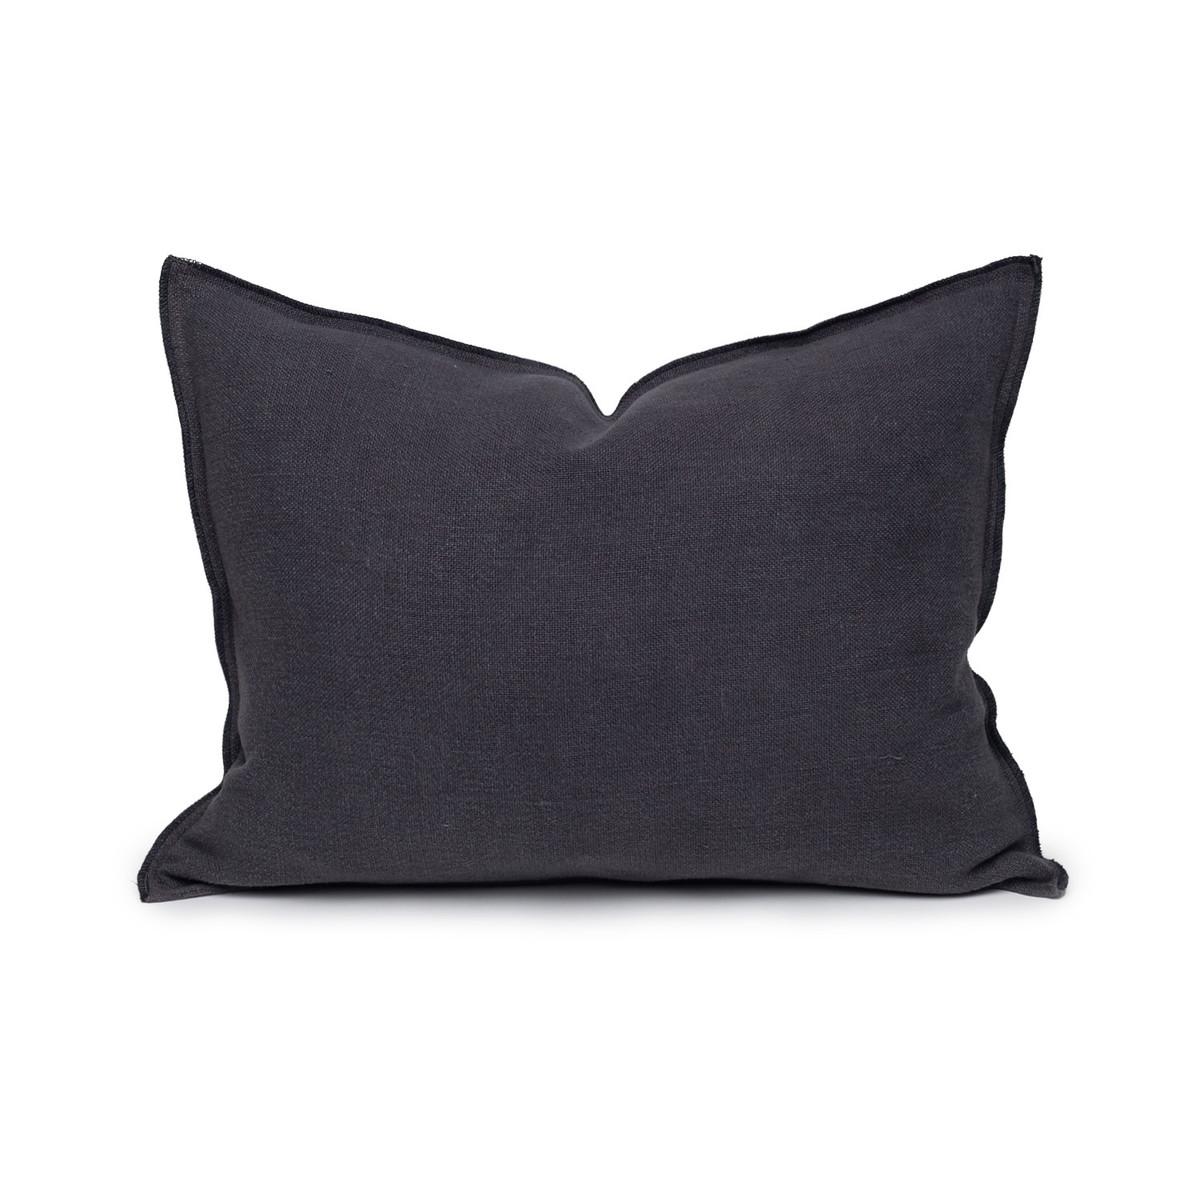 Santal Linen Pillow 1420 - Carbon - Front View